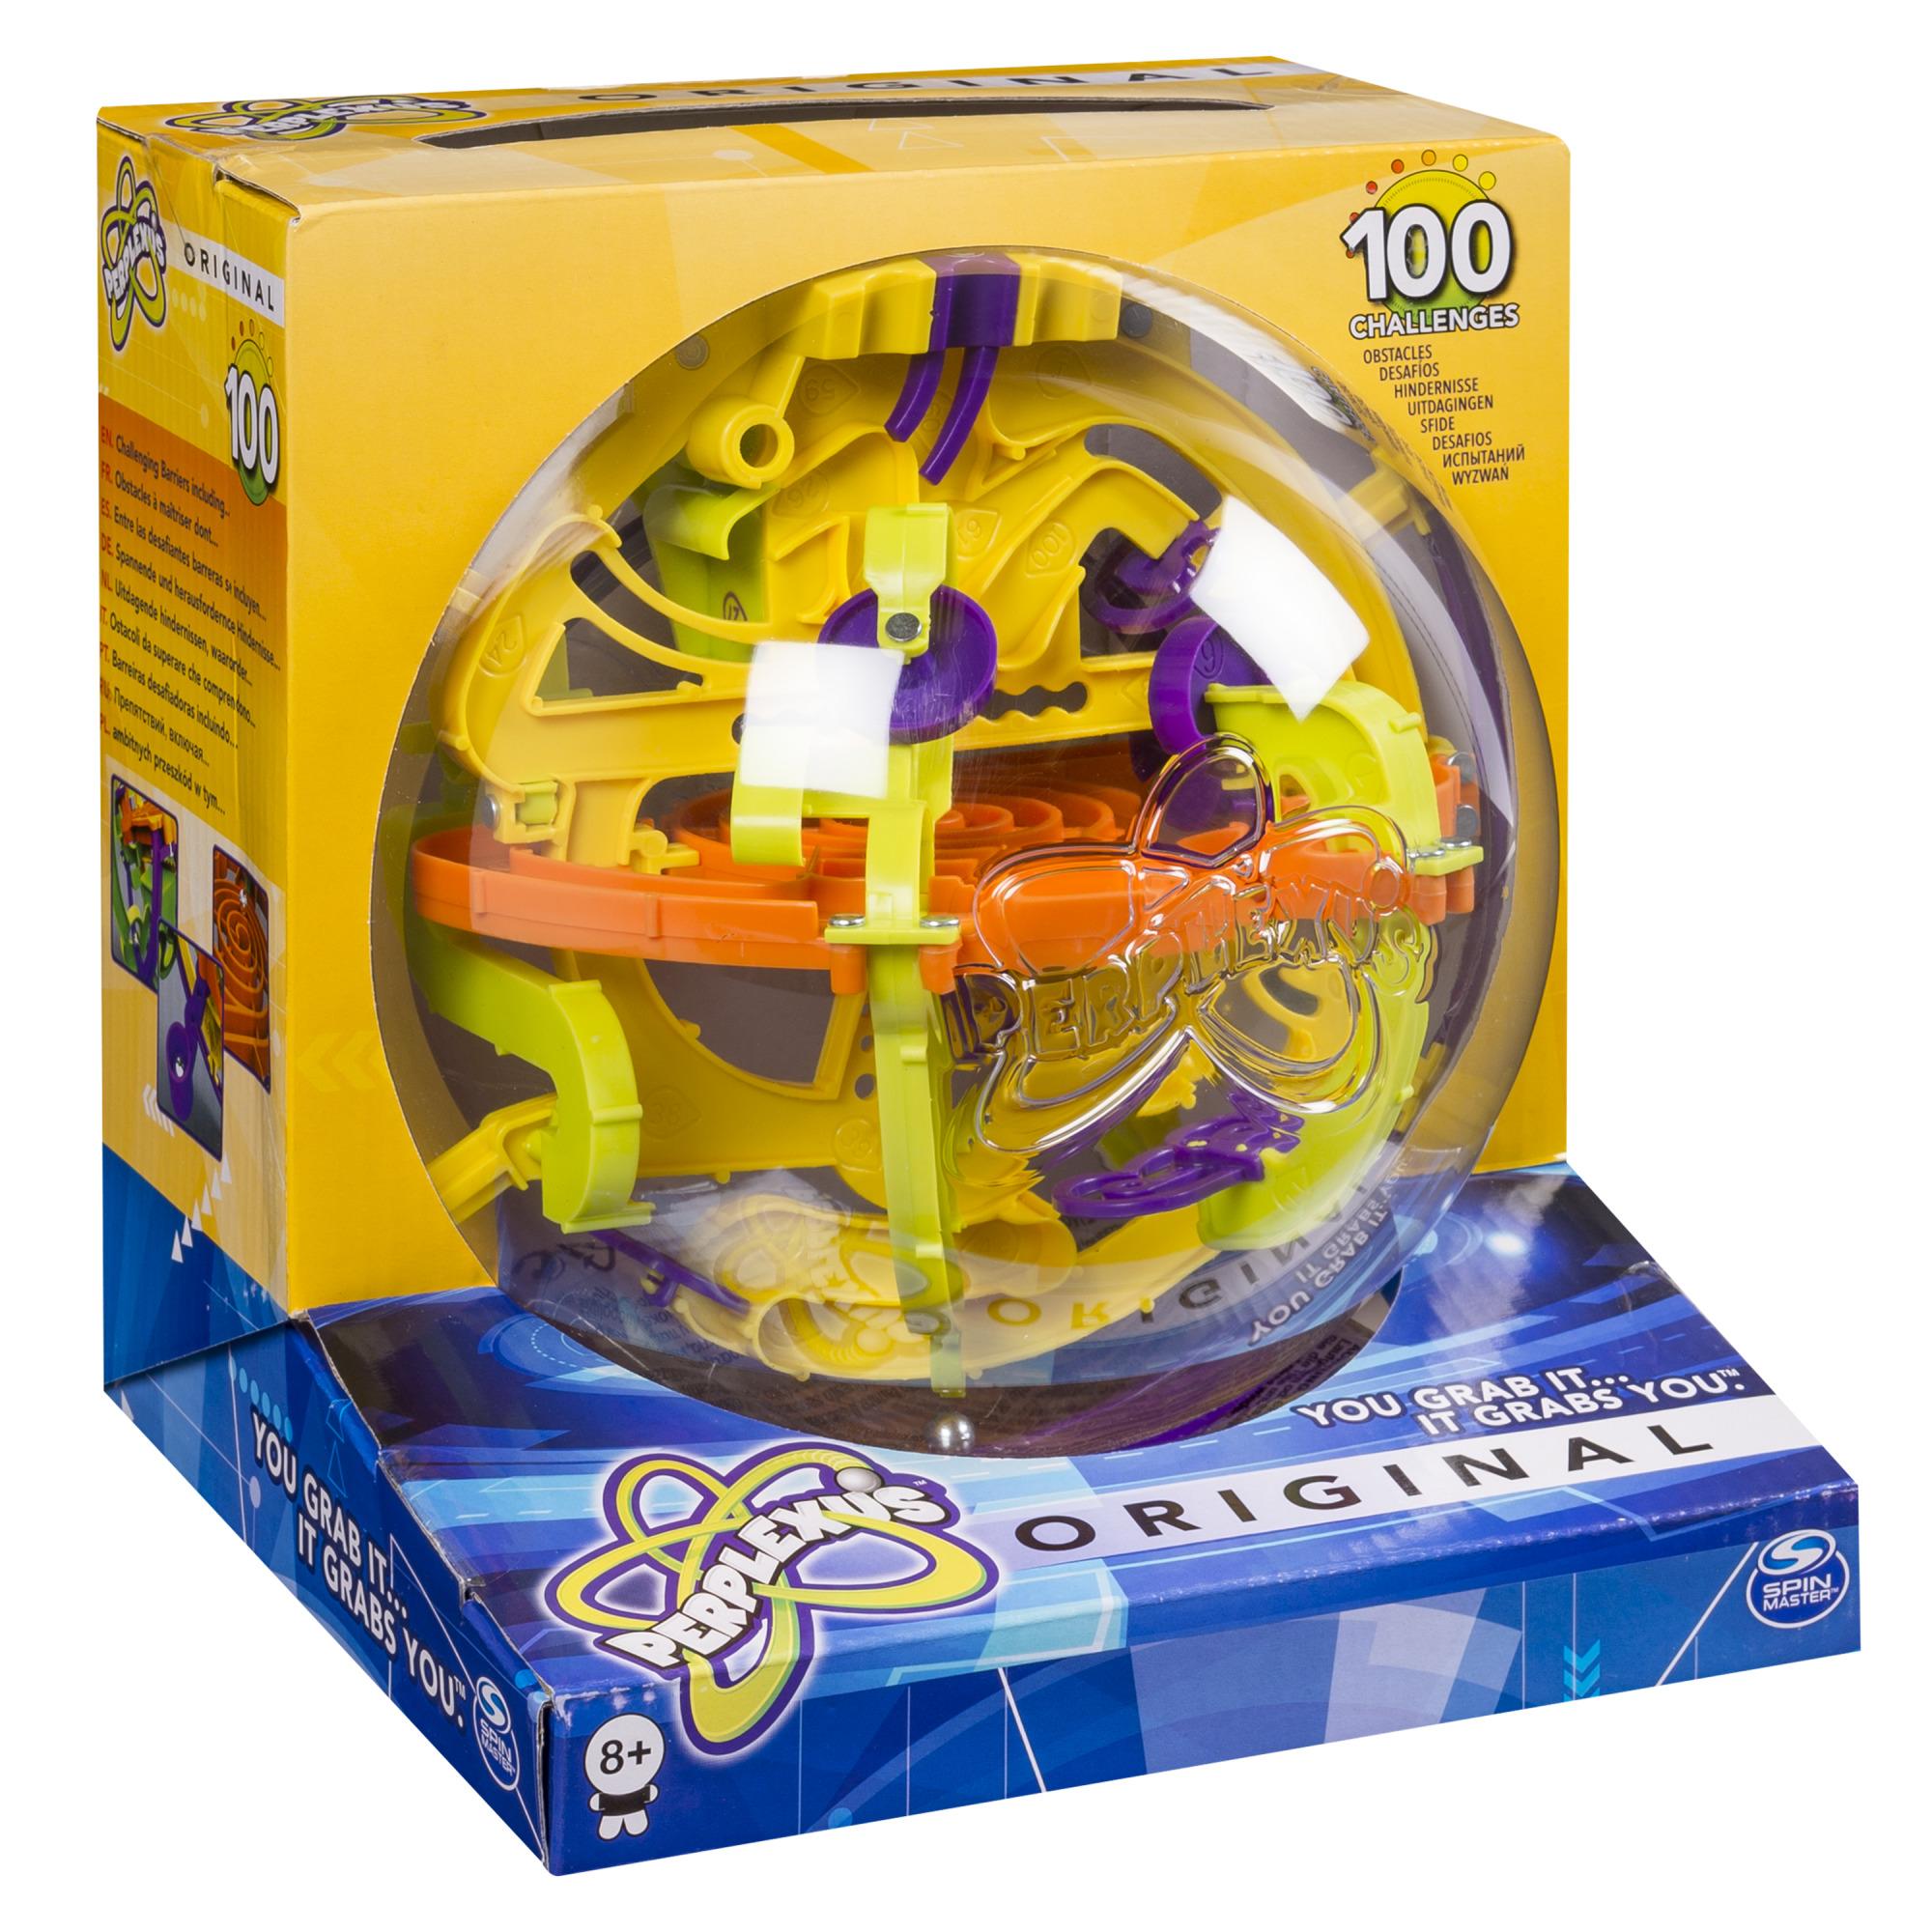 Головоломка Perplexus Original, 100 барьеров игра головоломка spin master perplexus original 100 барьеров от 8 лет 34175